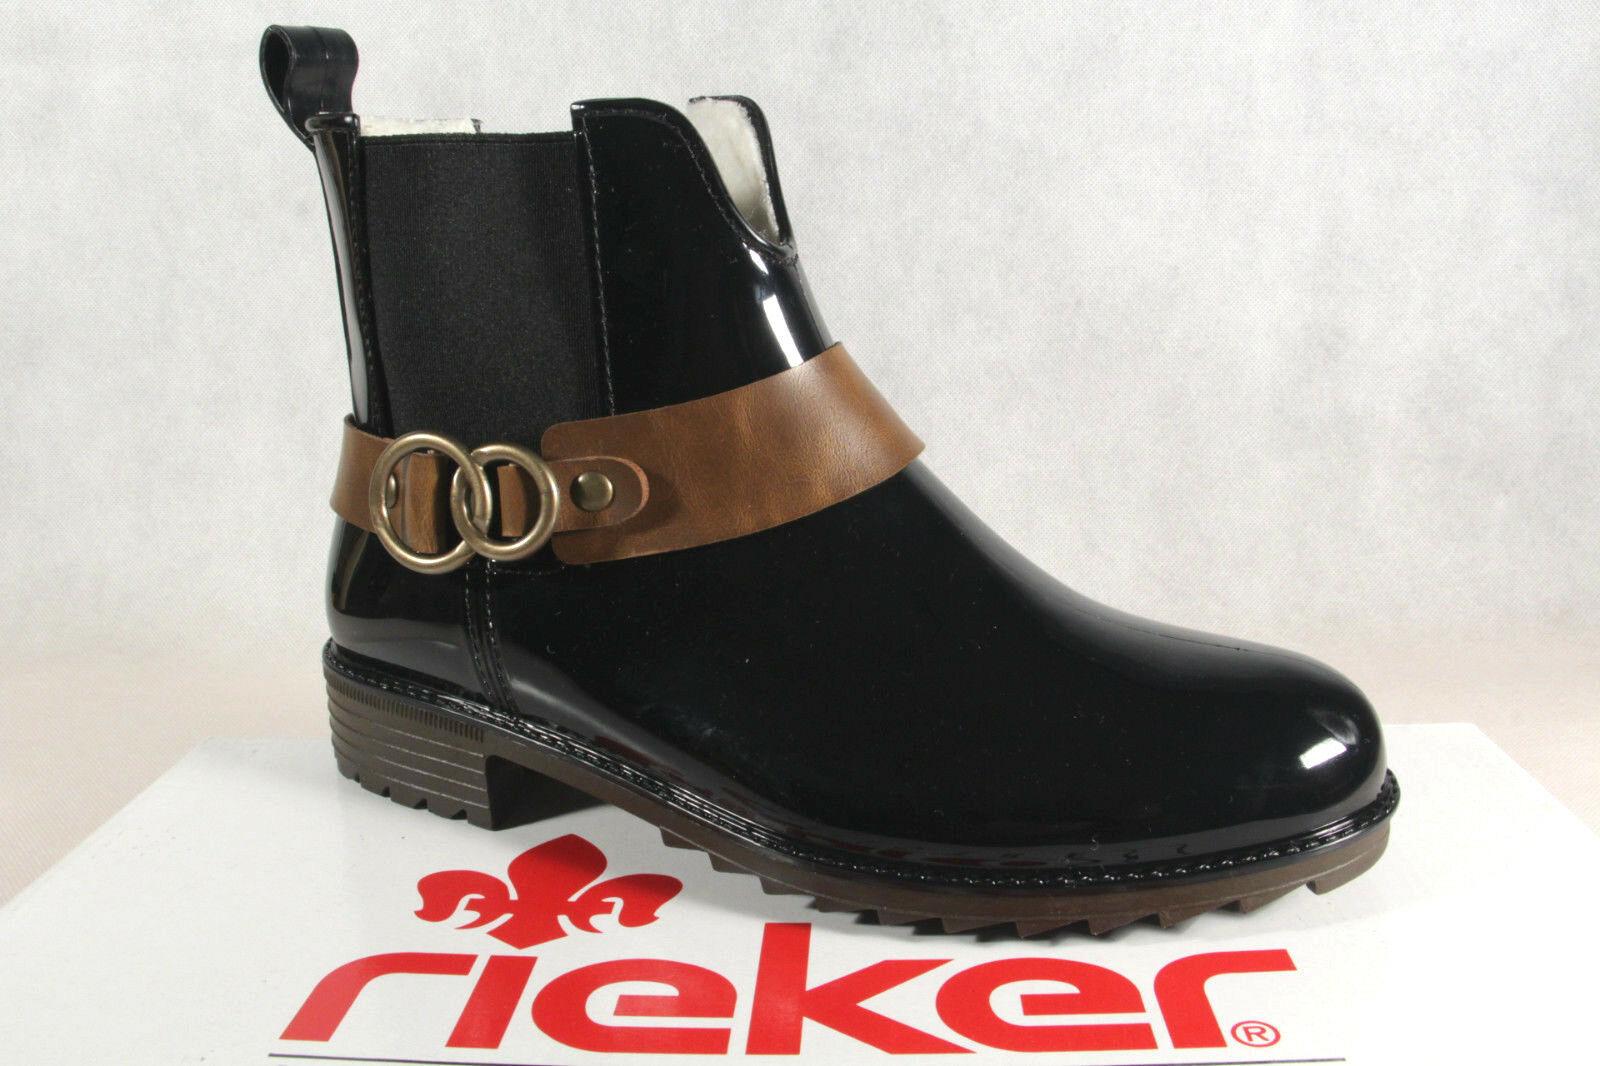 Rieker Stiefelette, Stiefel, Stiefel, Schlupfstiefel, schwarz, P8288 NEU